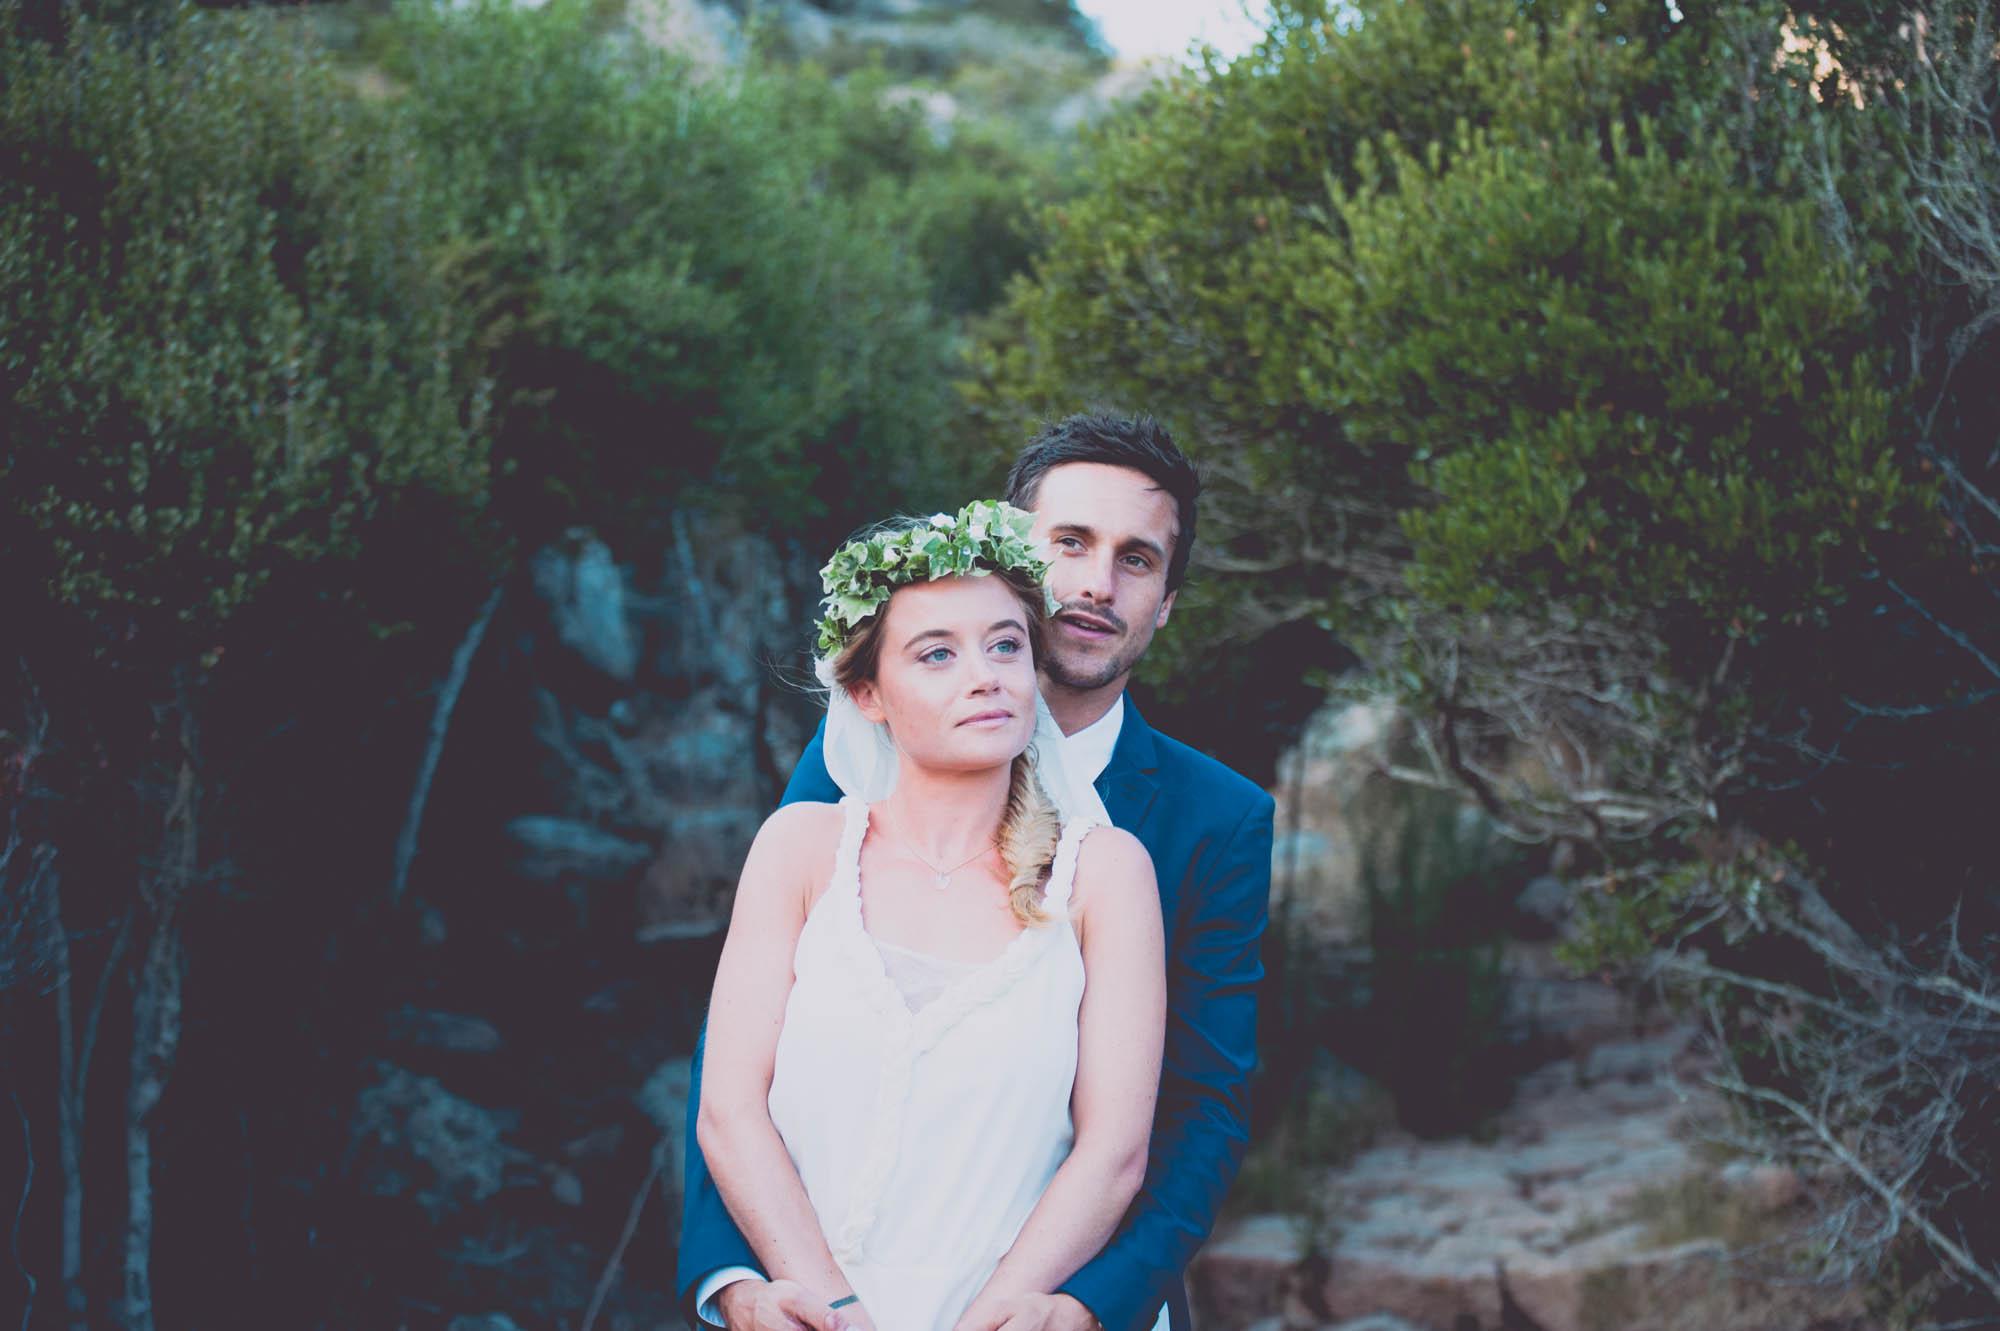 Photographe mariage bohème chic Corse Bonifacio - C et A (70)